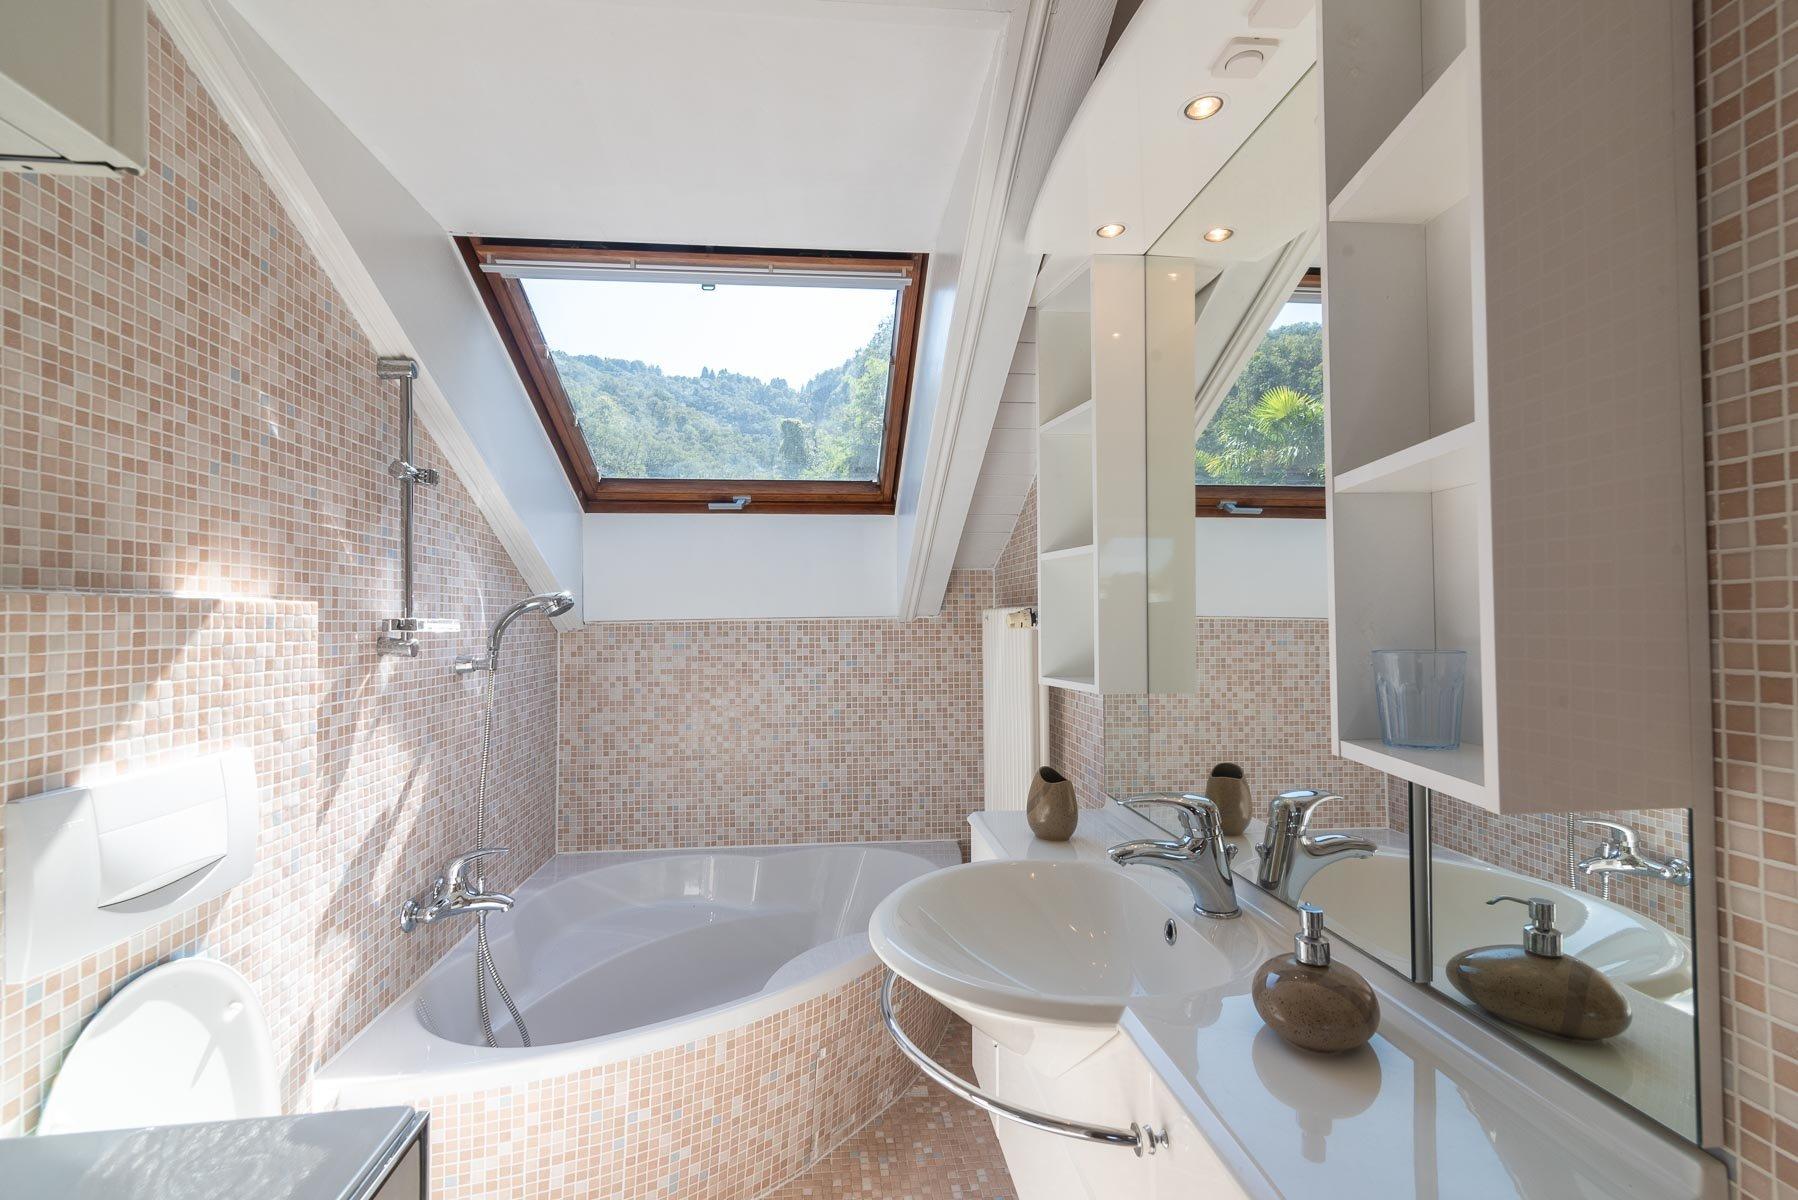 Modern villa near Stresa centre - restroom